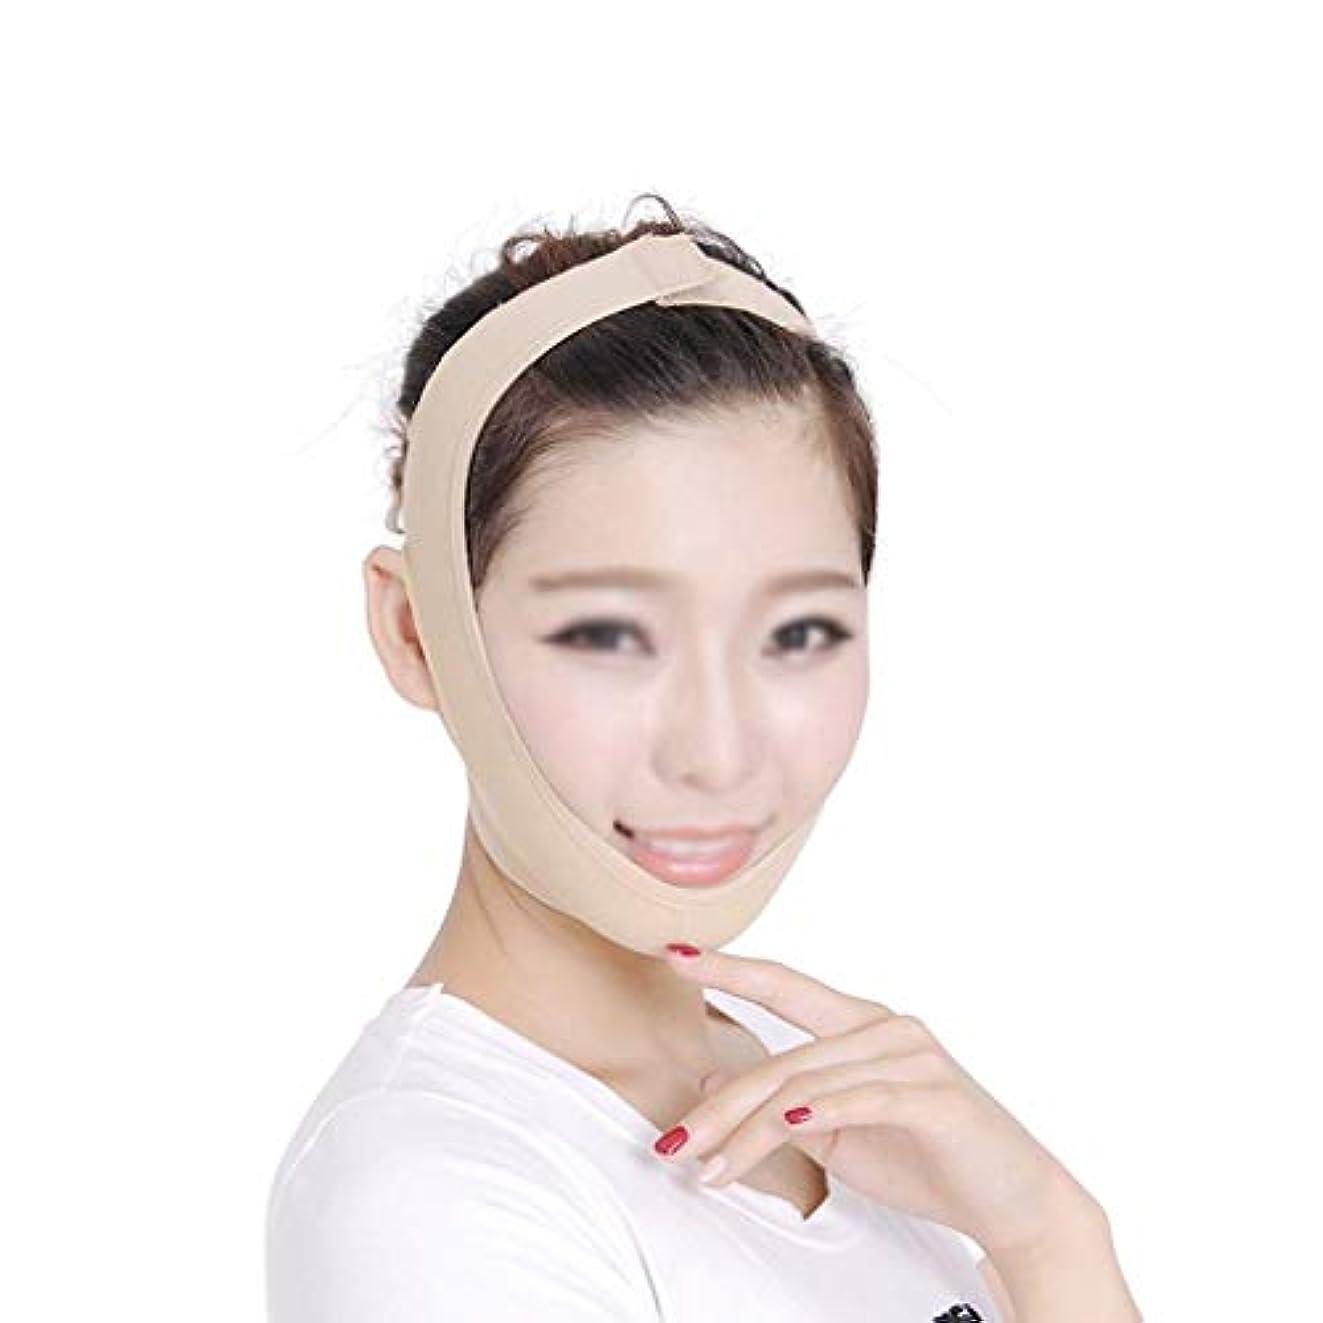 ジェット無視なるフェイシャル減量マスクリフティングフェイス、フェイスマスク、減量包帯を除去するためのダブルチン、フェイシャルリフティング包帯、ダブルチンを減らすためのリフティングベルト(カラー:ブラック、サイズ:M),イエローピンク、XL